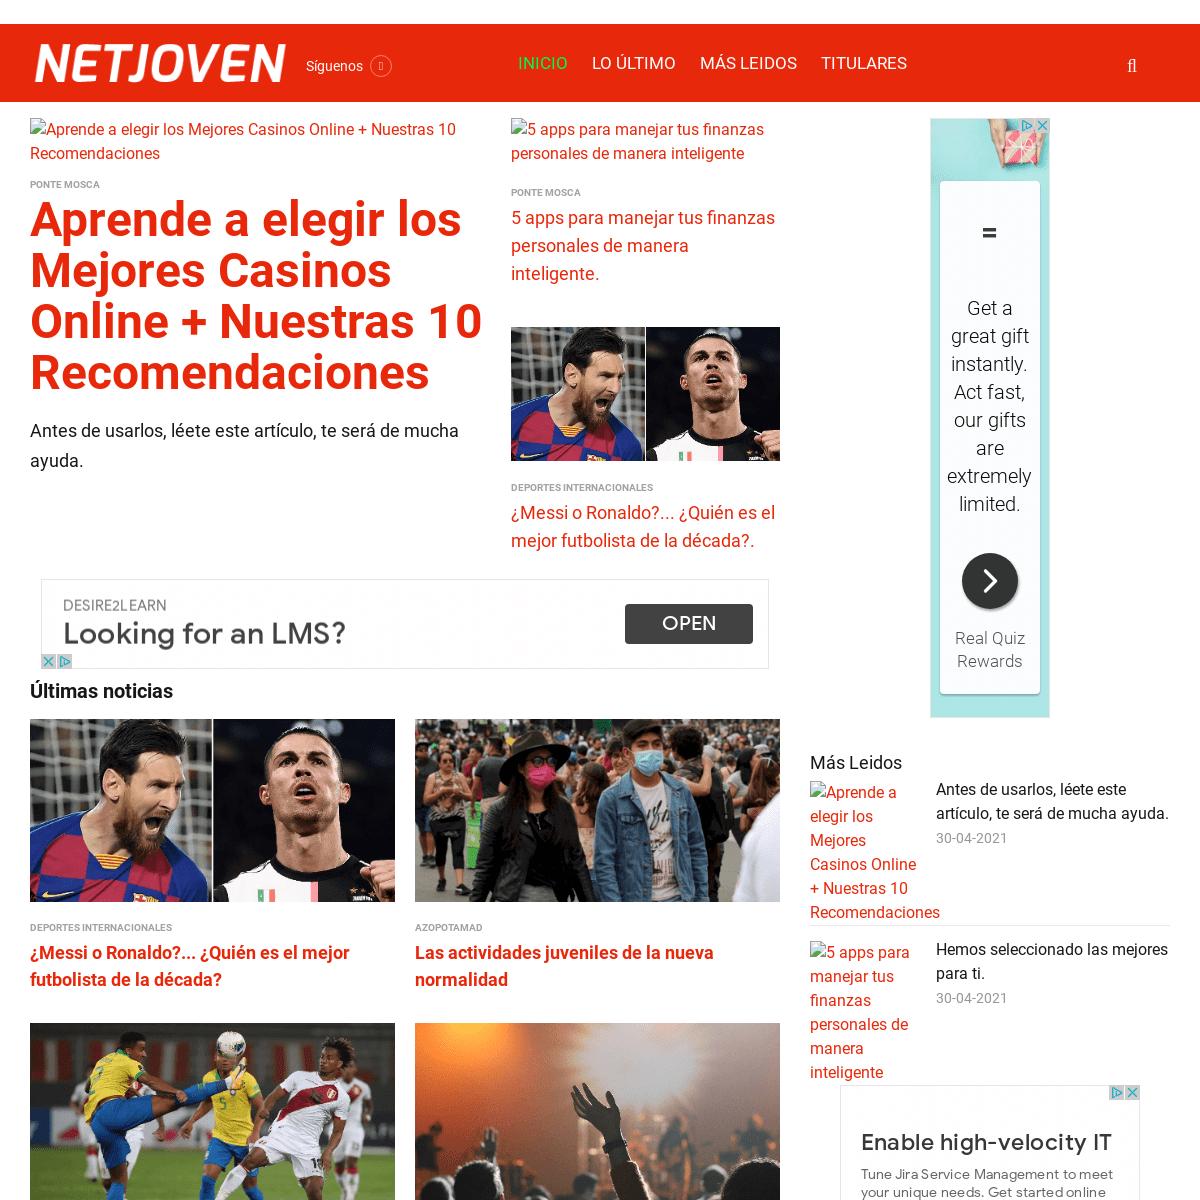 NetJoven - Noticias y contenidos de valor para ti - NetJoven